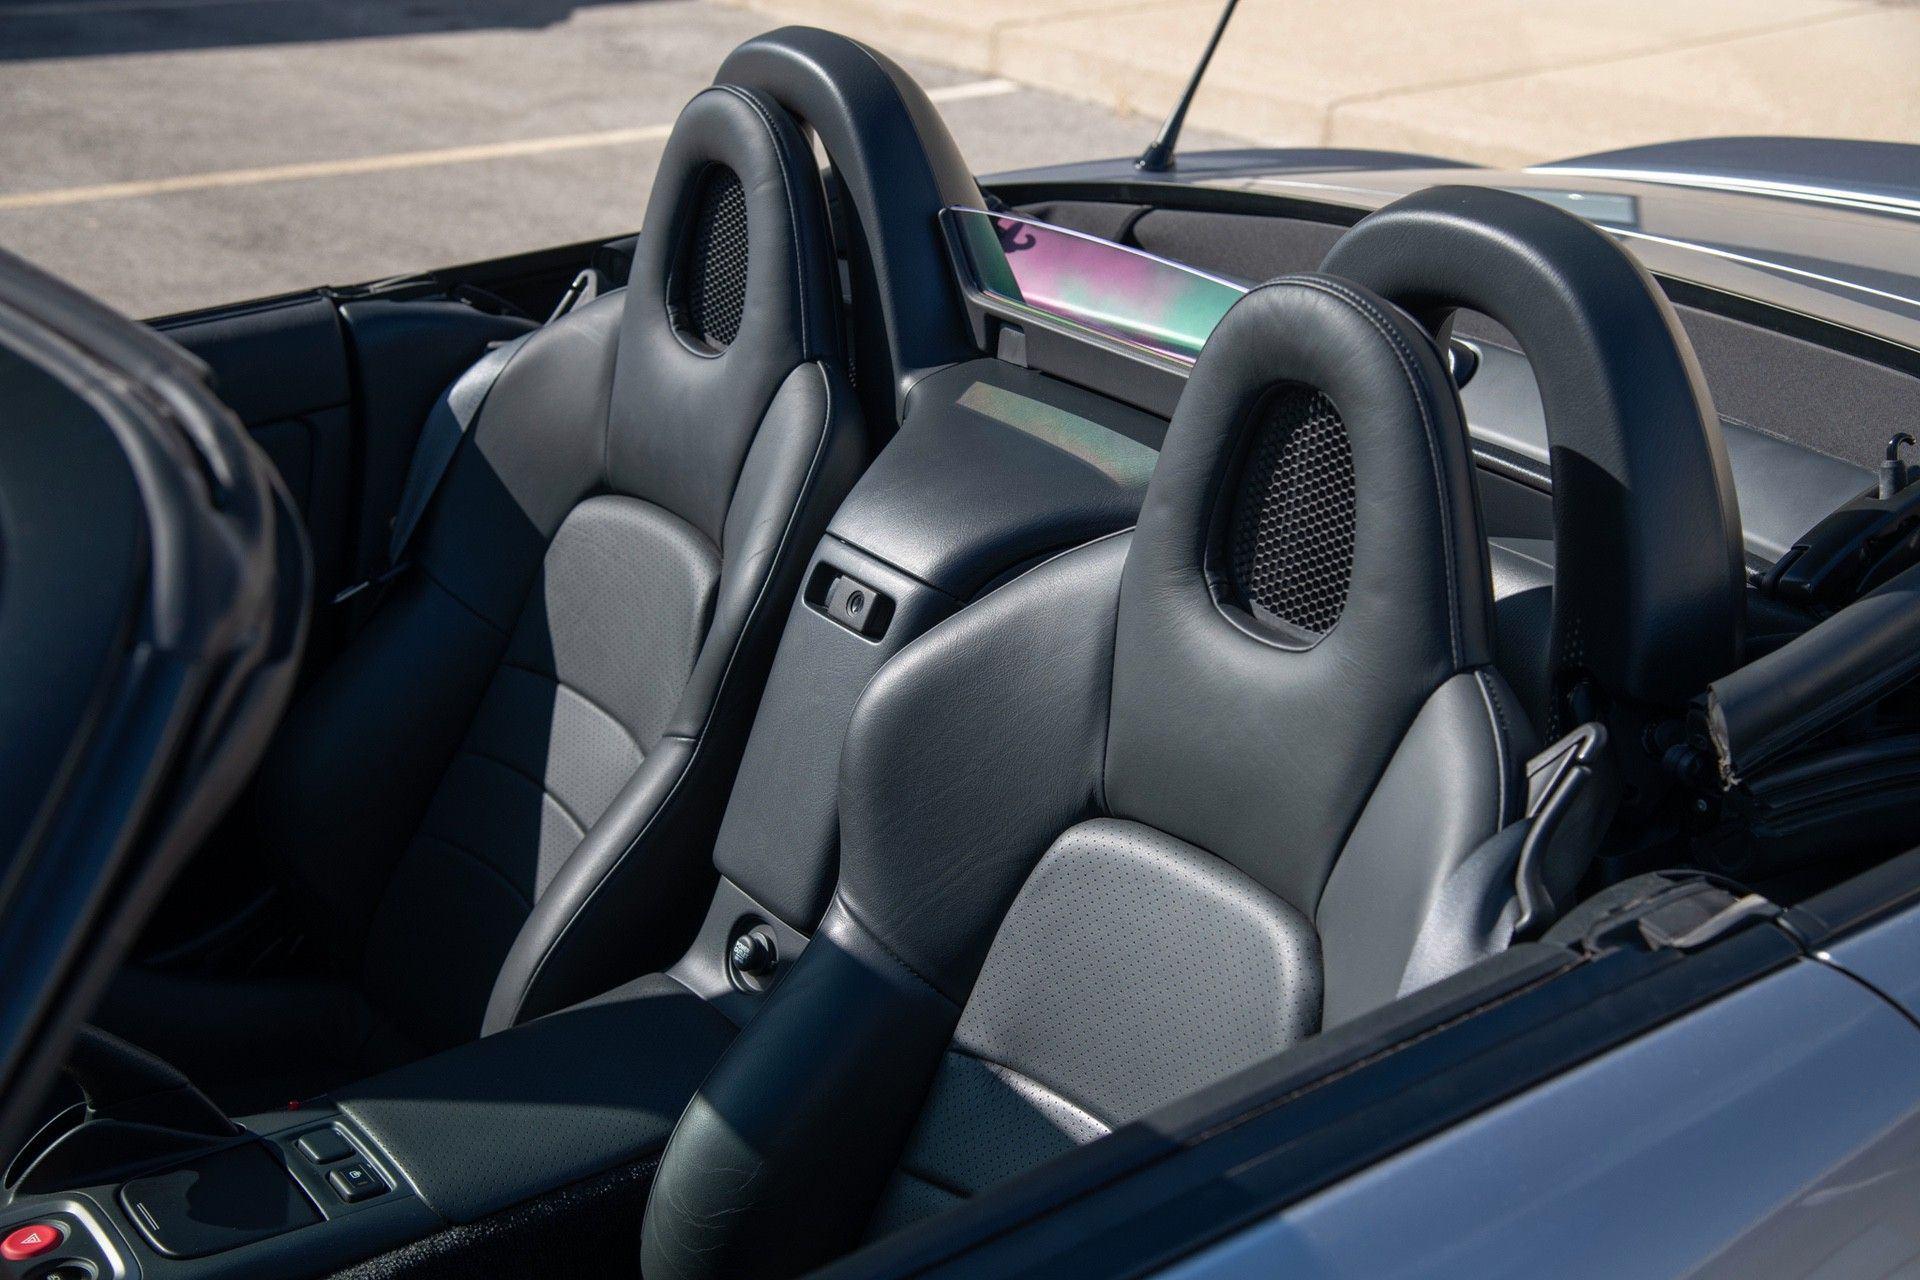 2001-Honda-S2000-0031